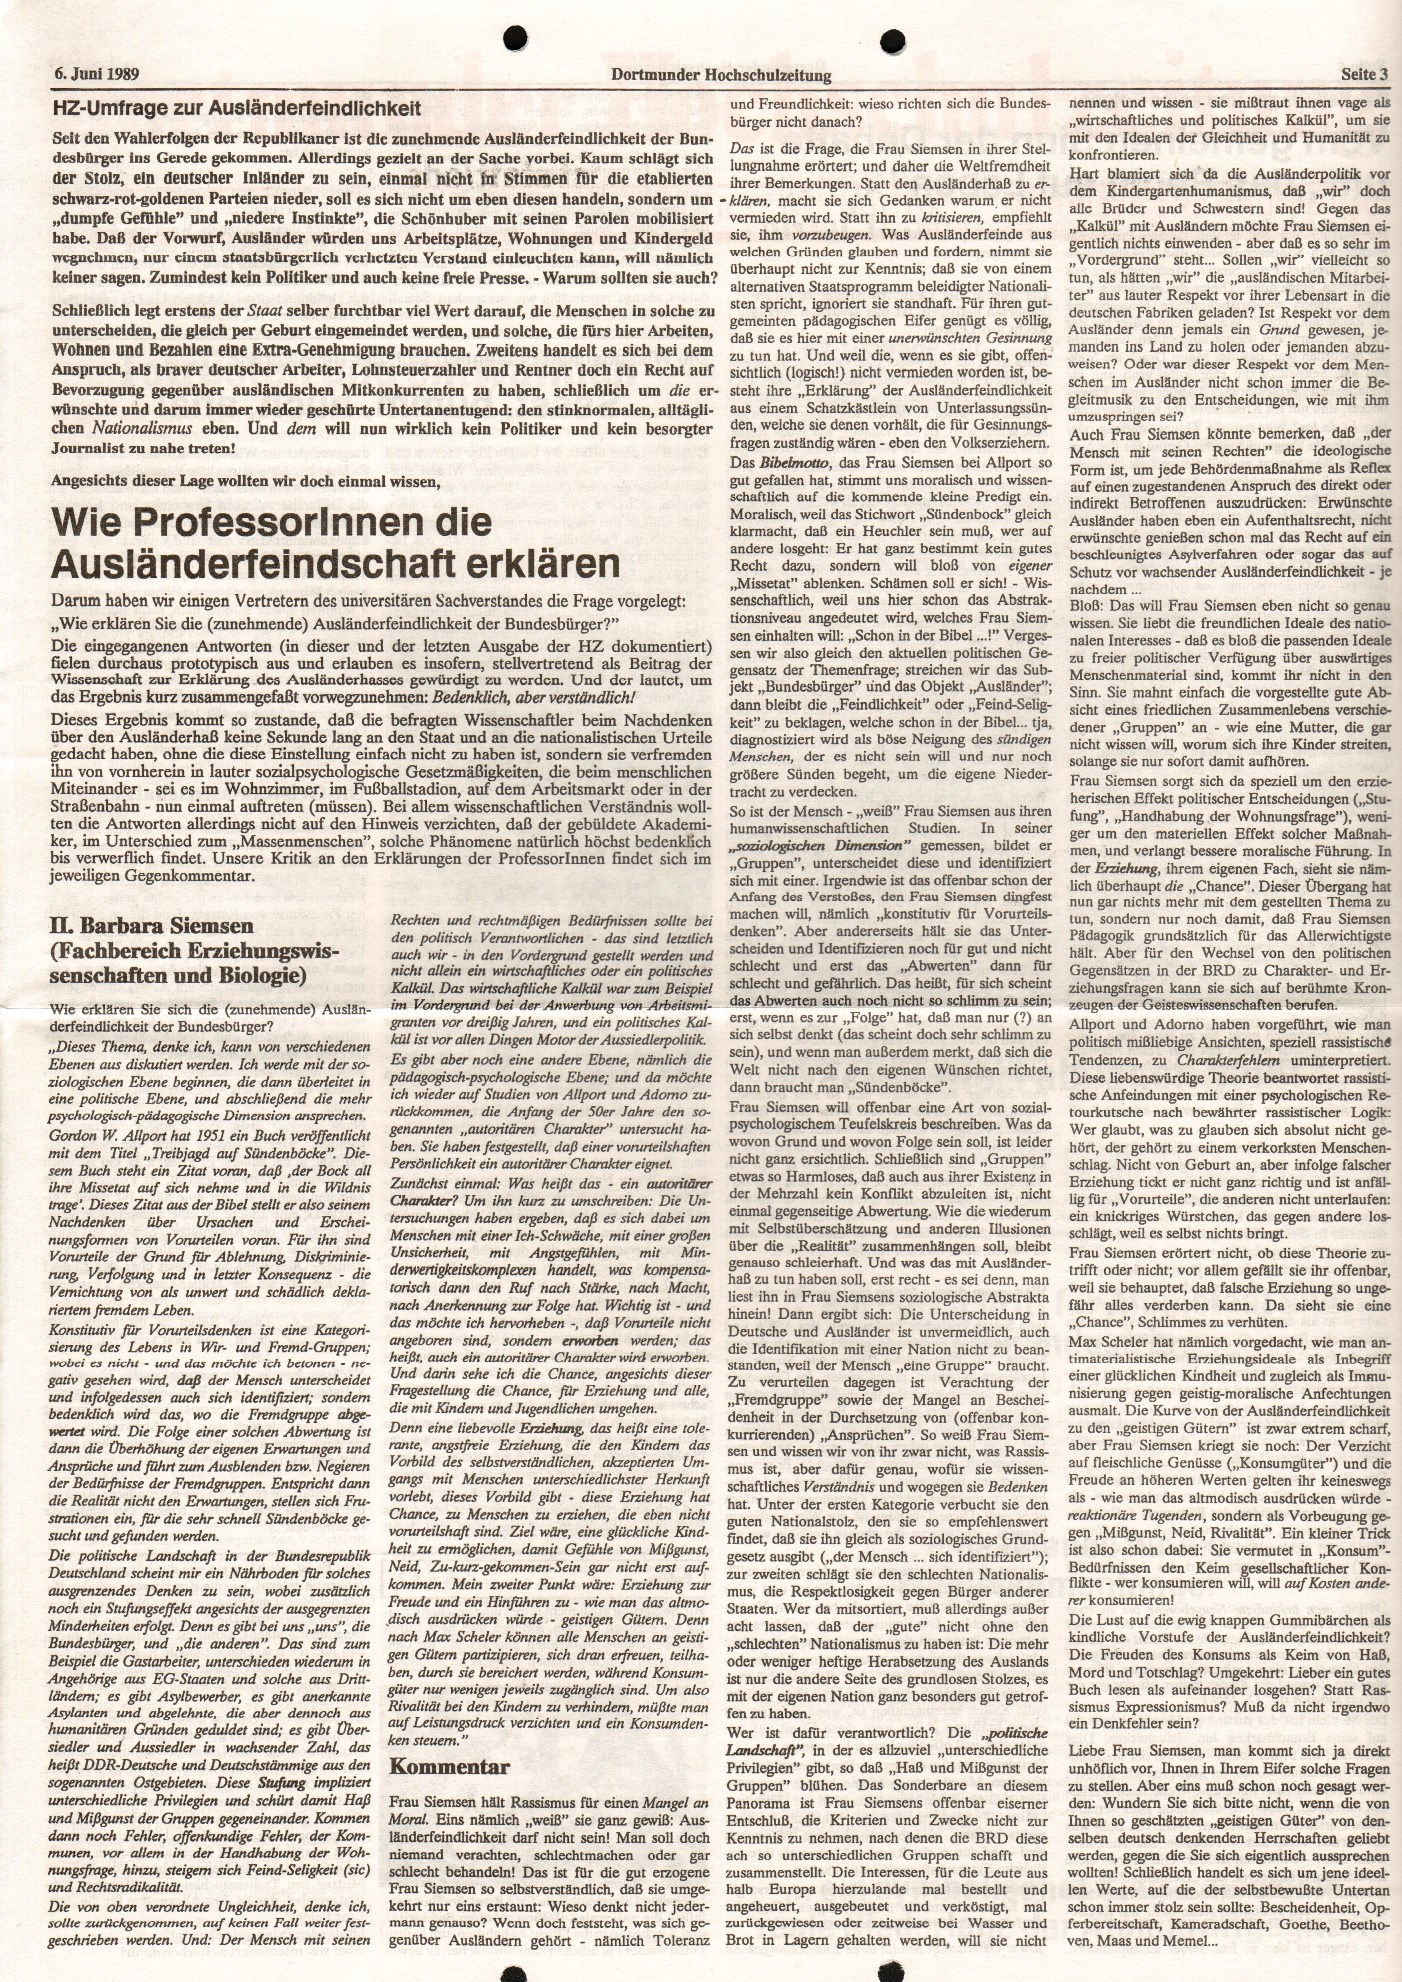 MG_Dortmunder_Hochschulzeitung_19890606_03